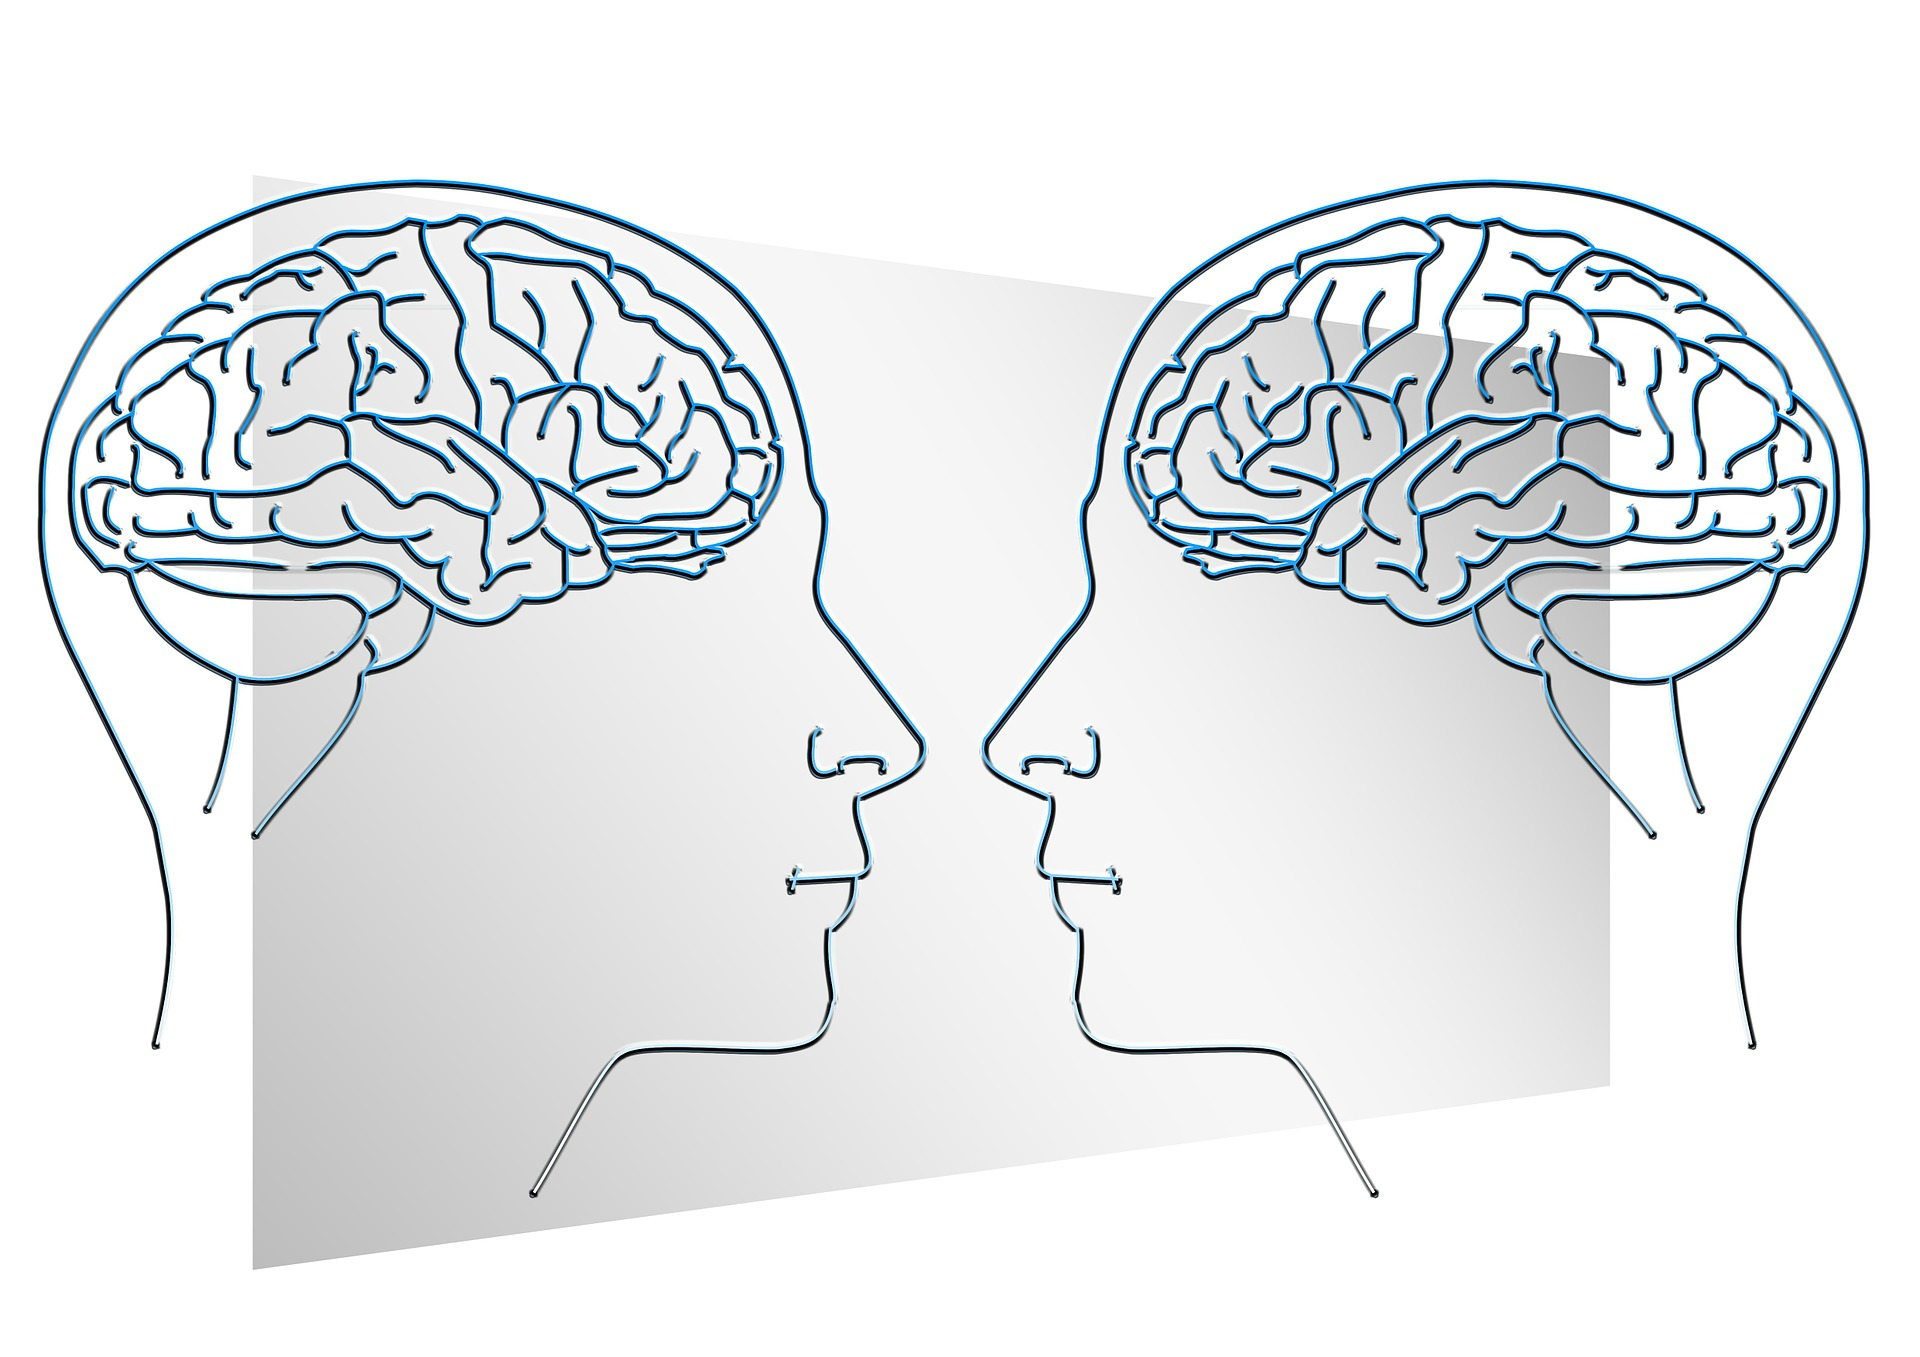 Кои неврологични заболявания се наблюдават след протичане на коронавирусната инфекция?